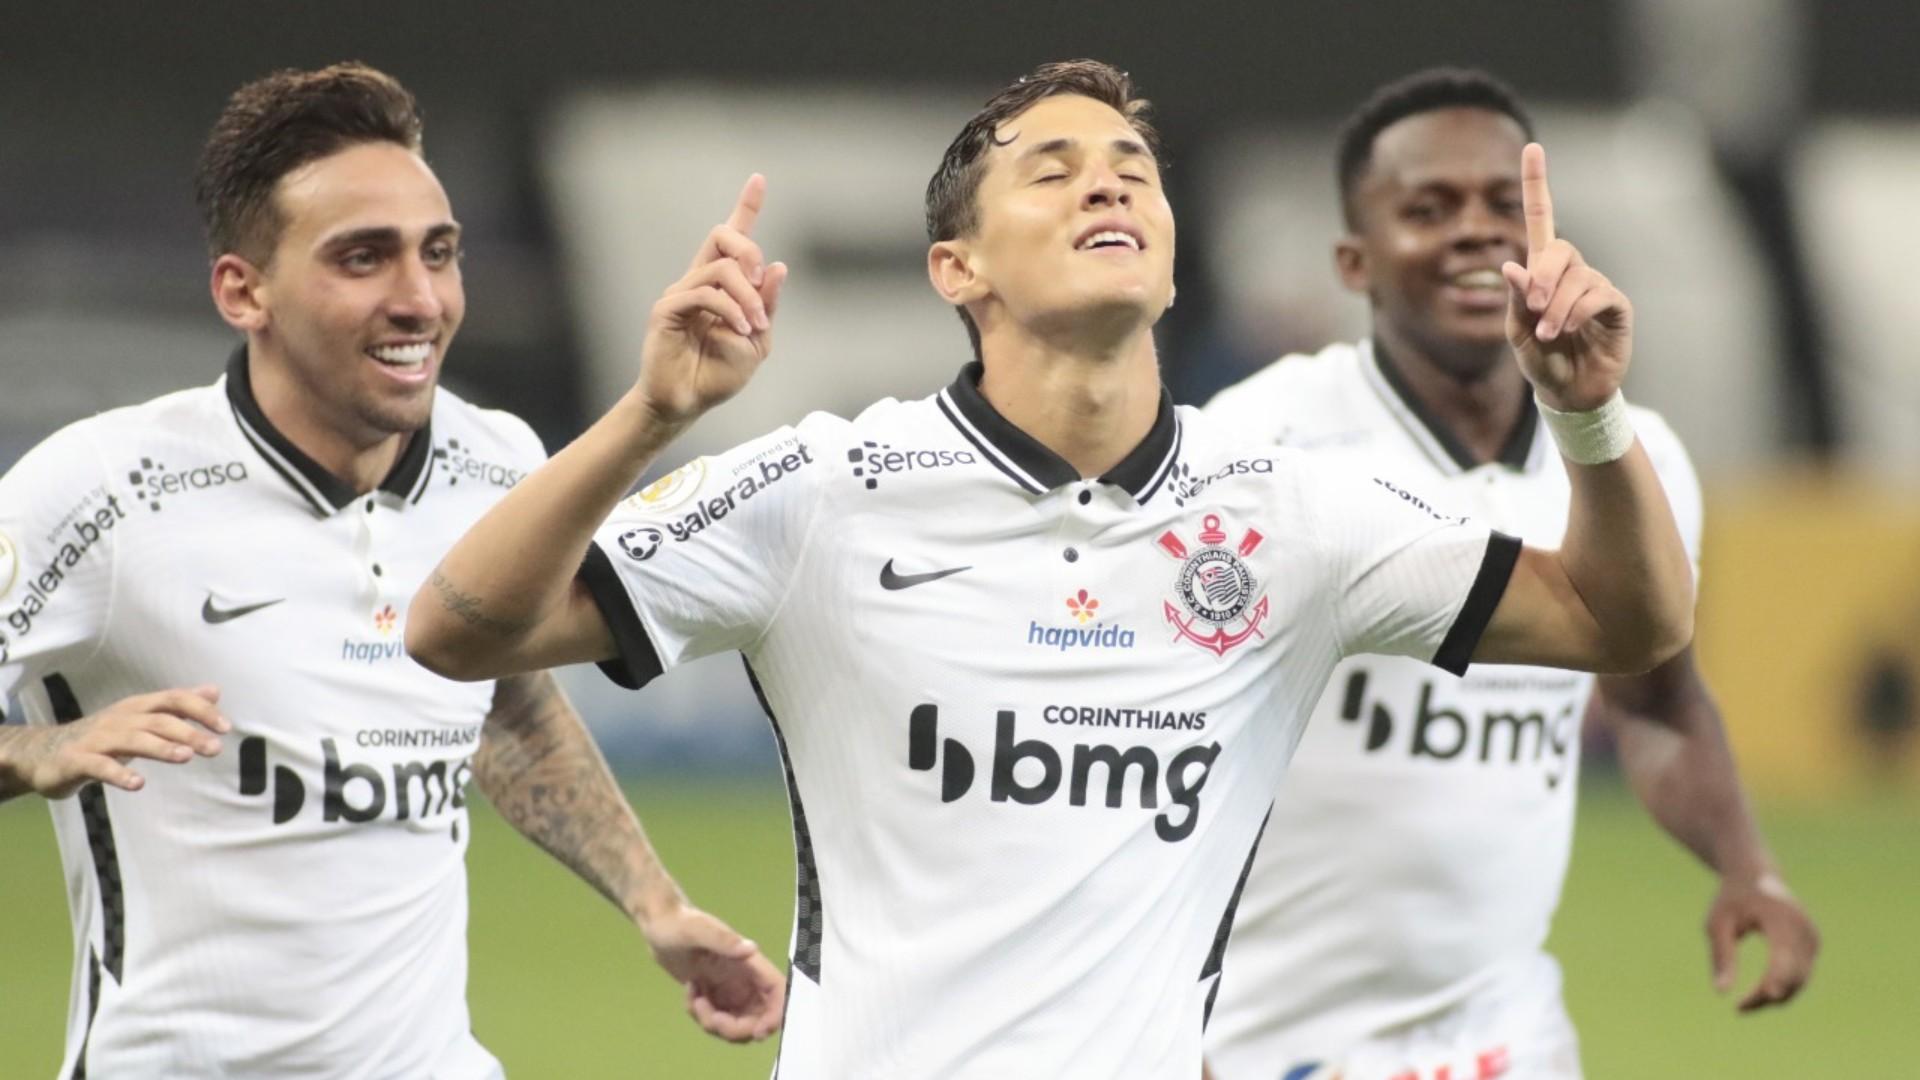 Mancinismo 'mental' leva Corinthians de vexame no Derby à boa vitória sobre  Sport | Goal.com